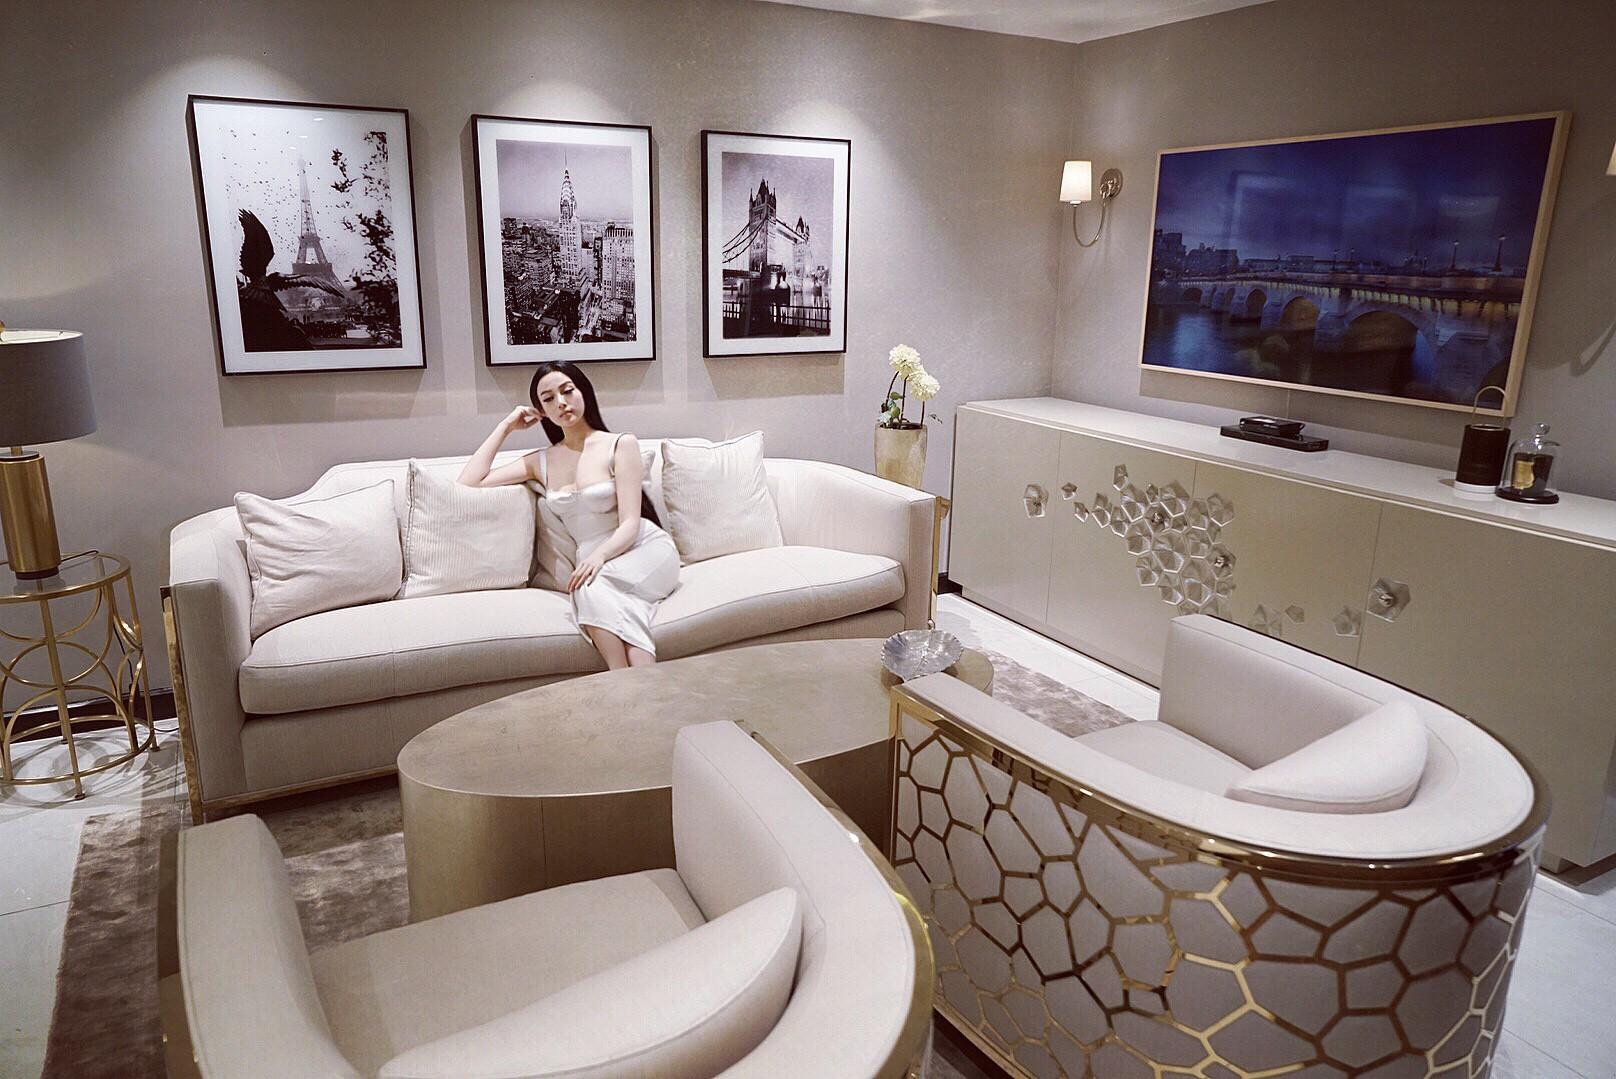 Cận cảnh ngôi nhà trị giá 5 triệu đô ngay giữa trung tâm Sài Gòn của Huyền Baby - Ảnh 6.